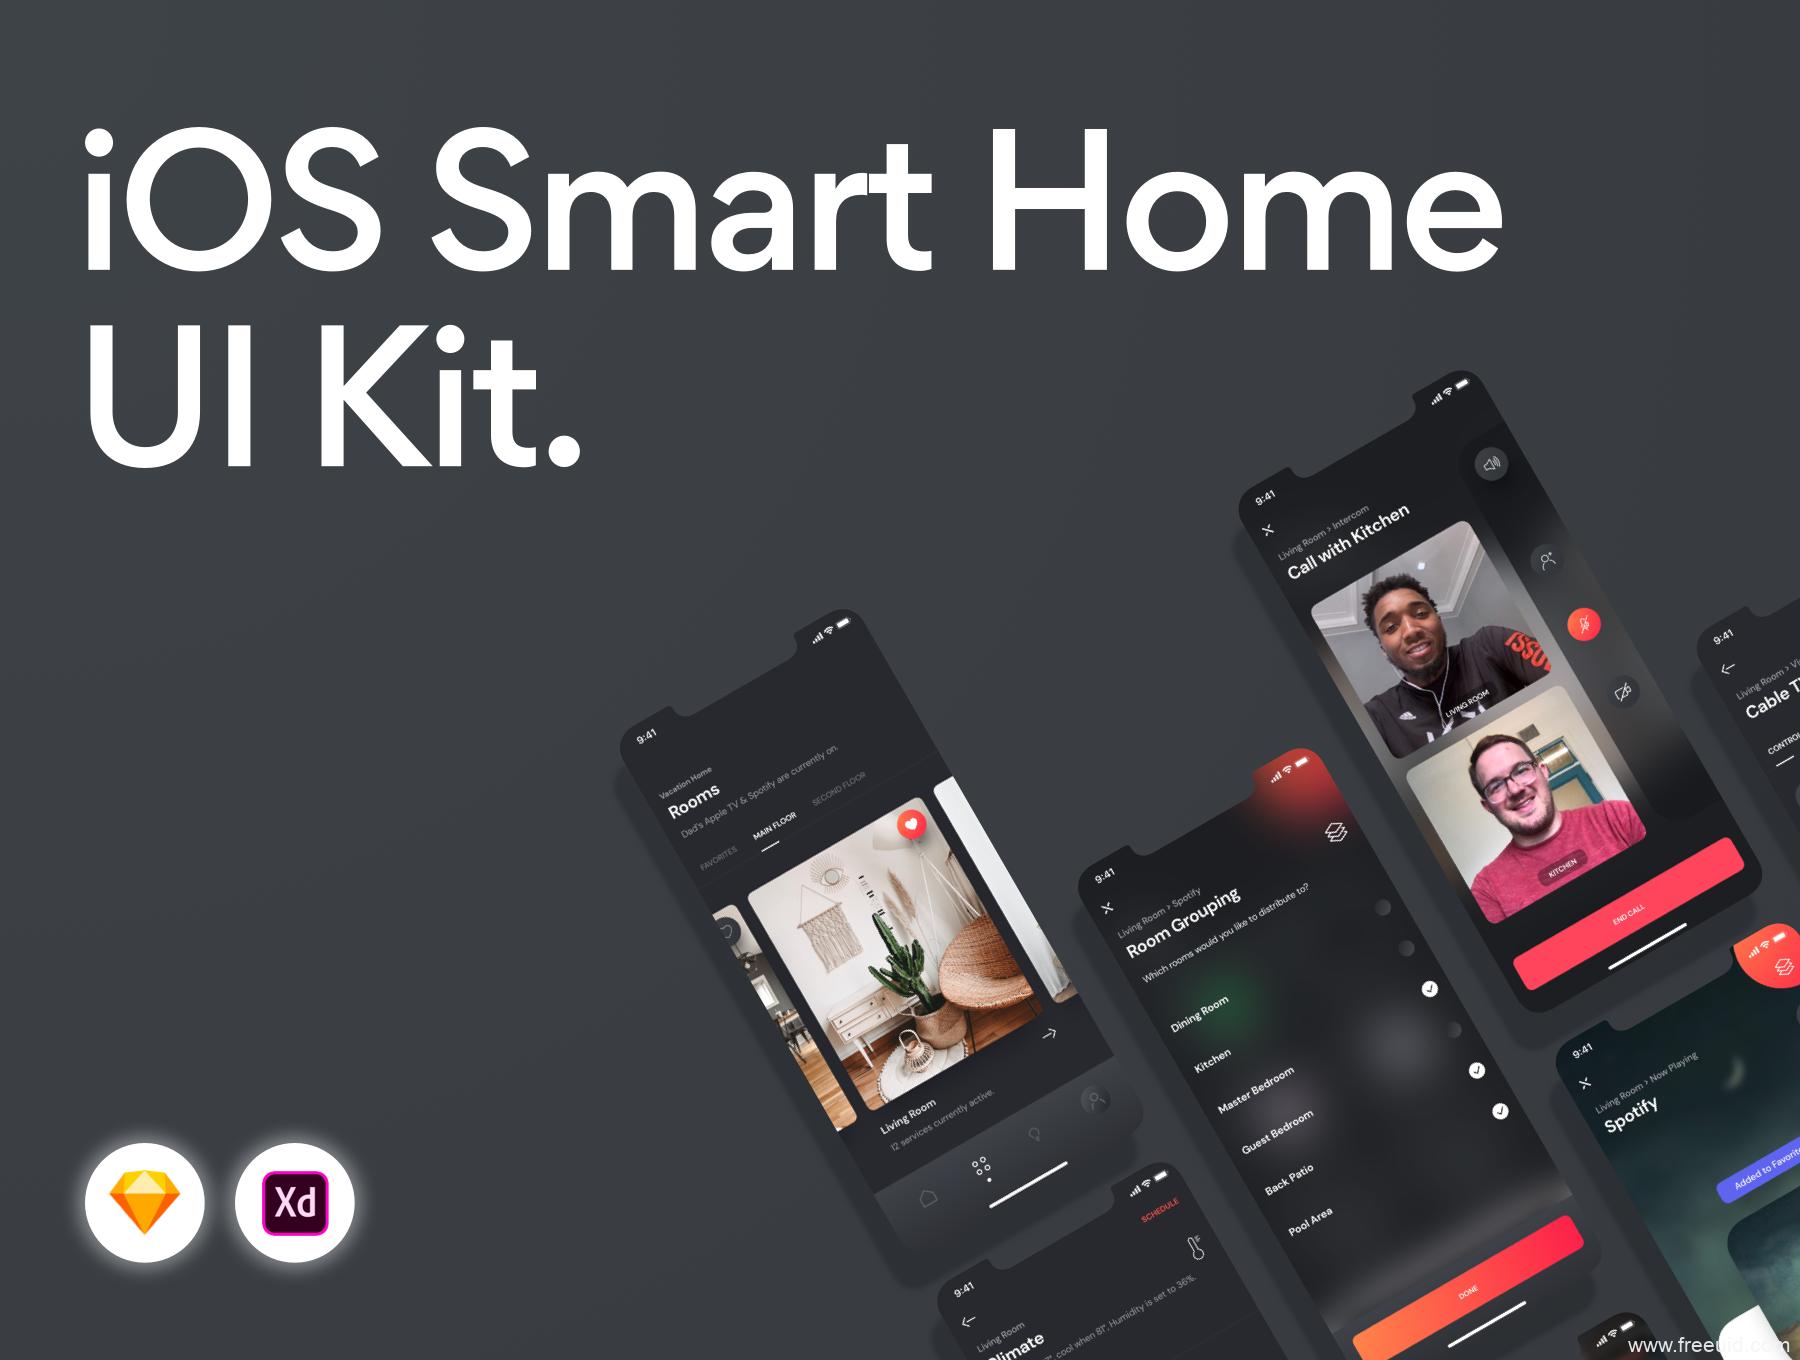 一套智能家具app UI kit套装下载,智能家具智慧家庭app UI源文件下载,暗色系darkmode智能家具app UI资源xd,sketch源文件下载